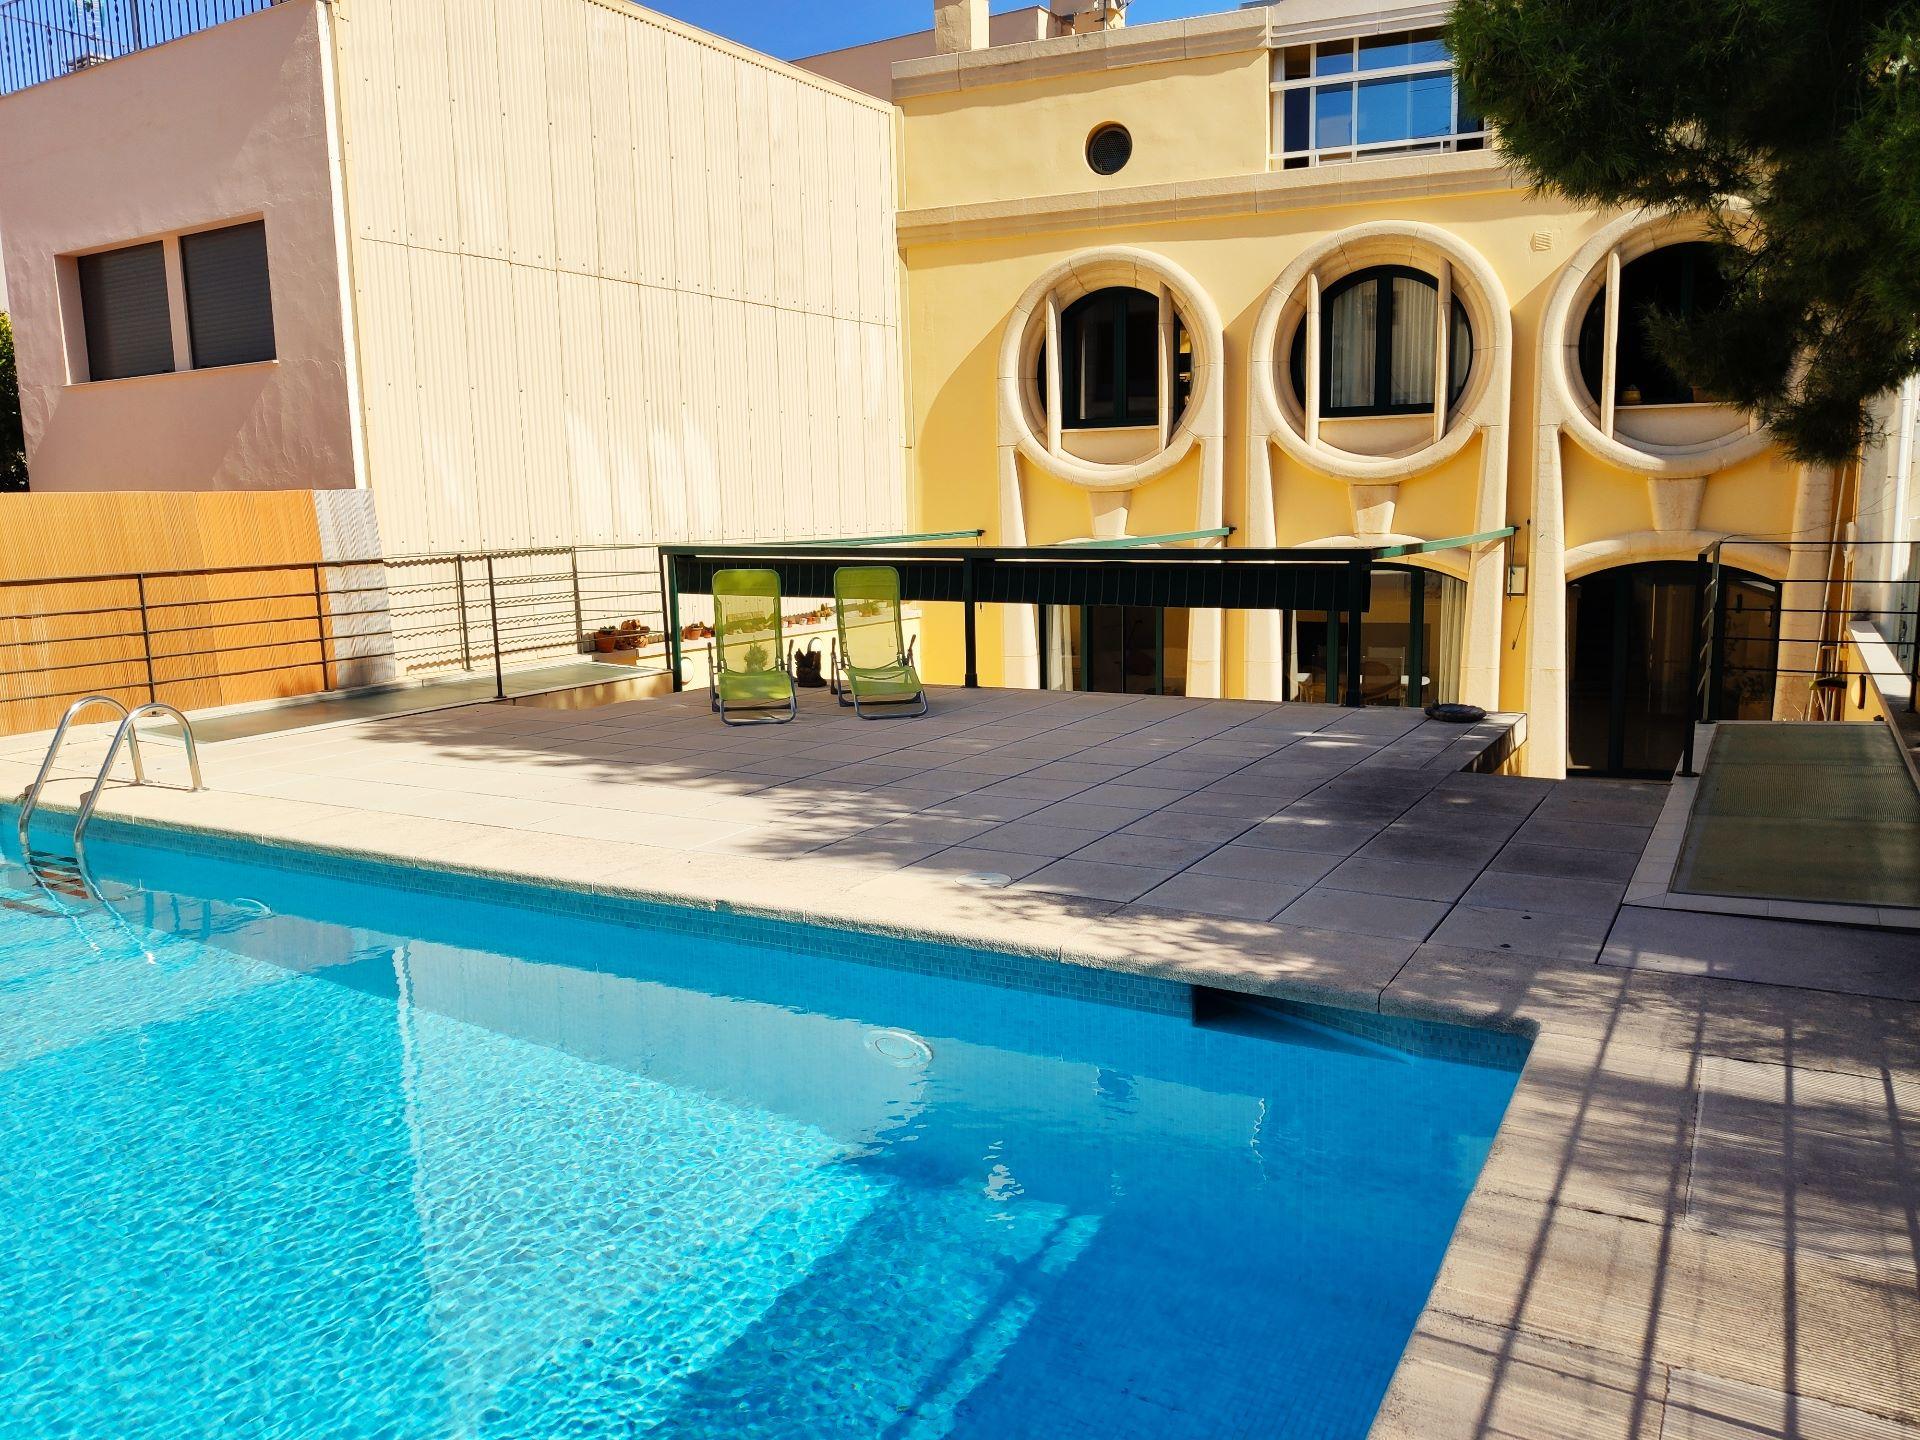 Villa de Lujo en Vilanova i la Geltrú, CENTRE-VILA, venta